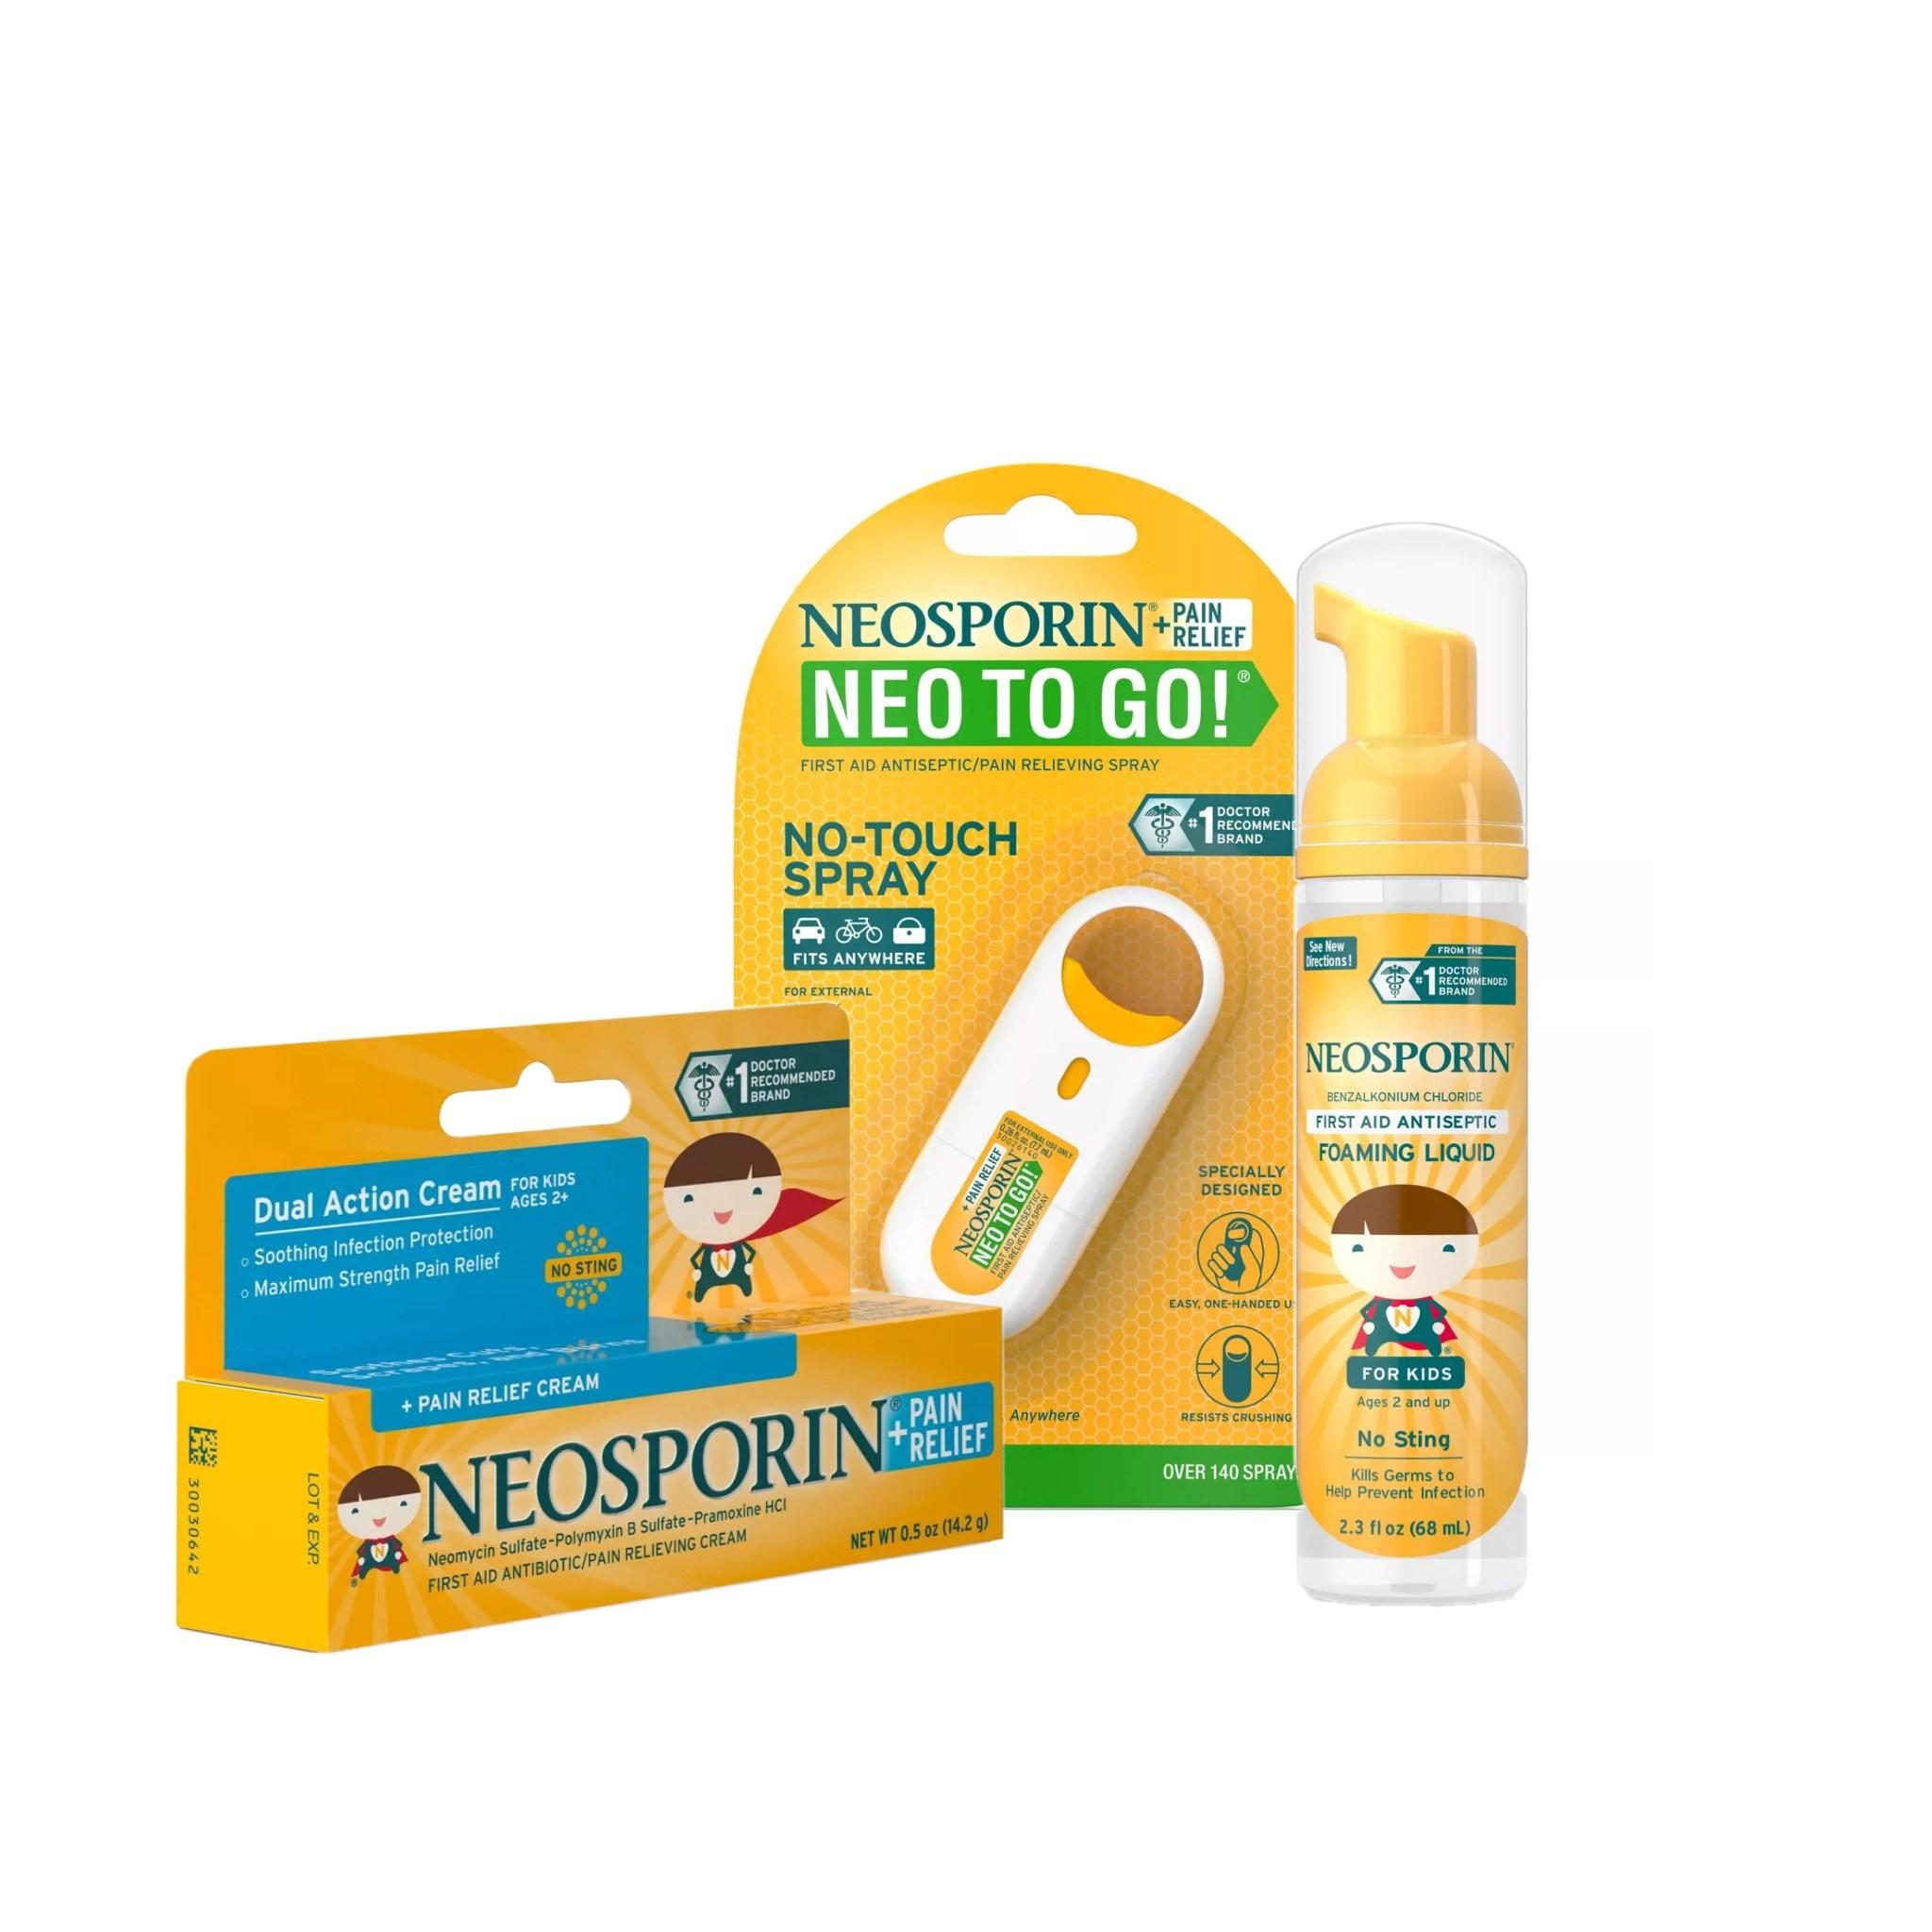 [미국직배송-PRIMO]네오스포린 항균 치료 키즈용 연고 3set(2살부터)/Neosporin Antibiotic Cream for Kids 3set (POP 4784255772)